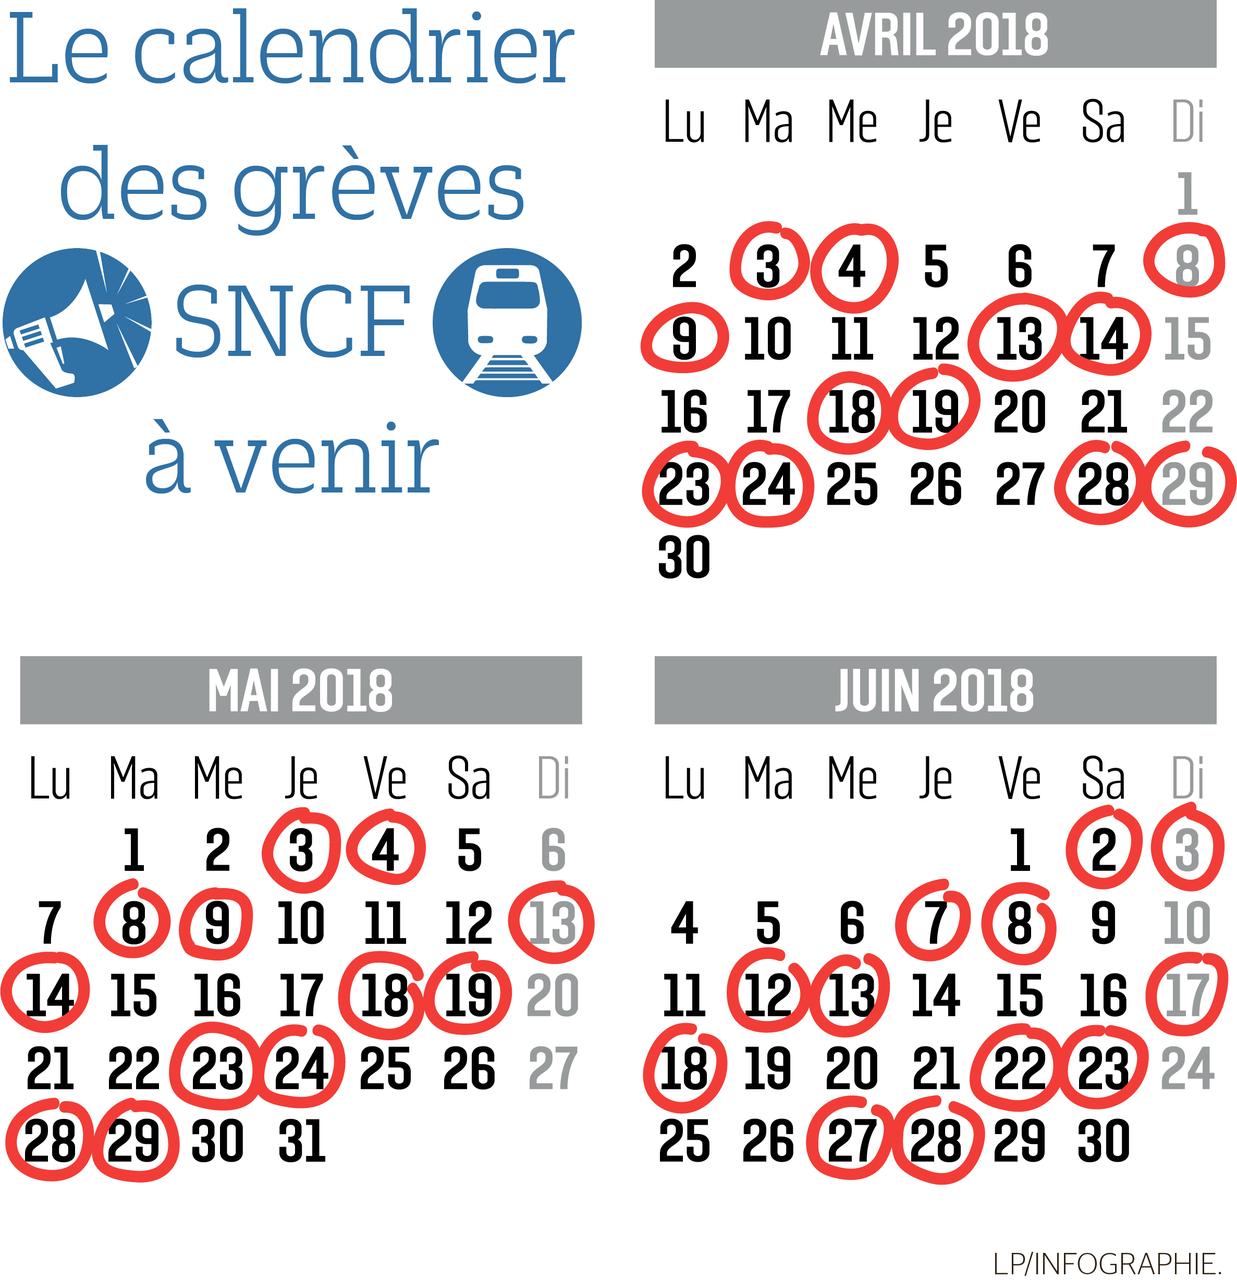 Calendrier des jours de grève SNCF Avril Mai Juin